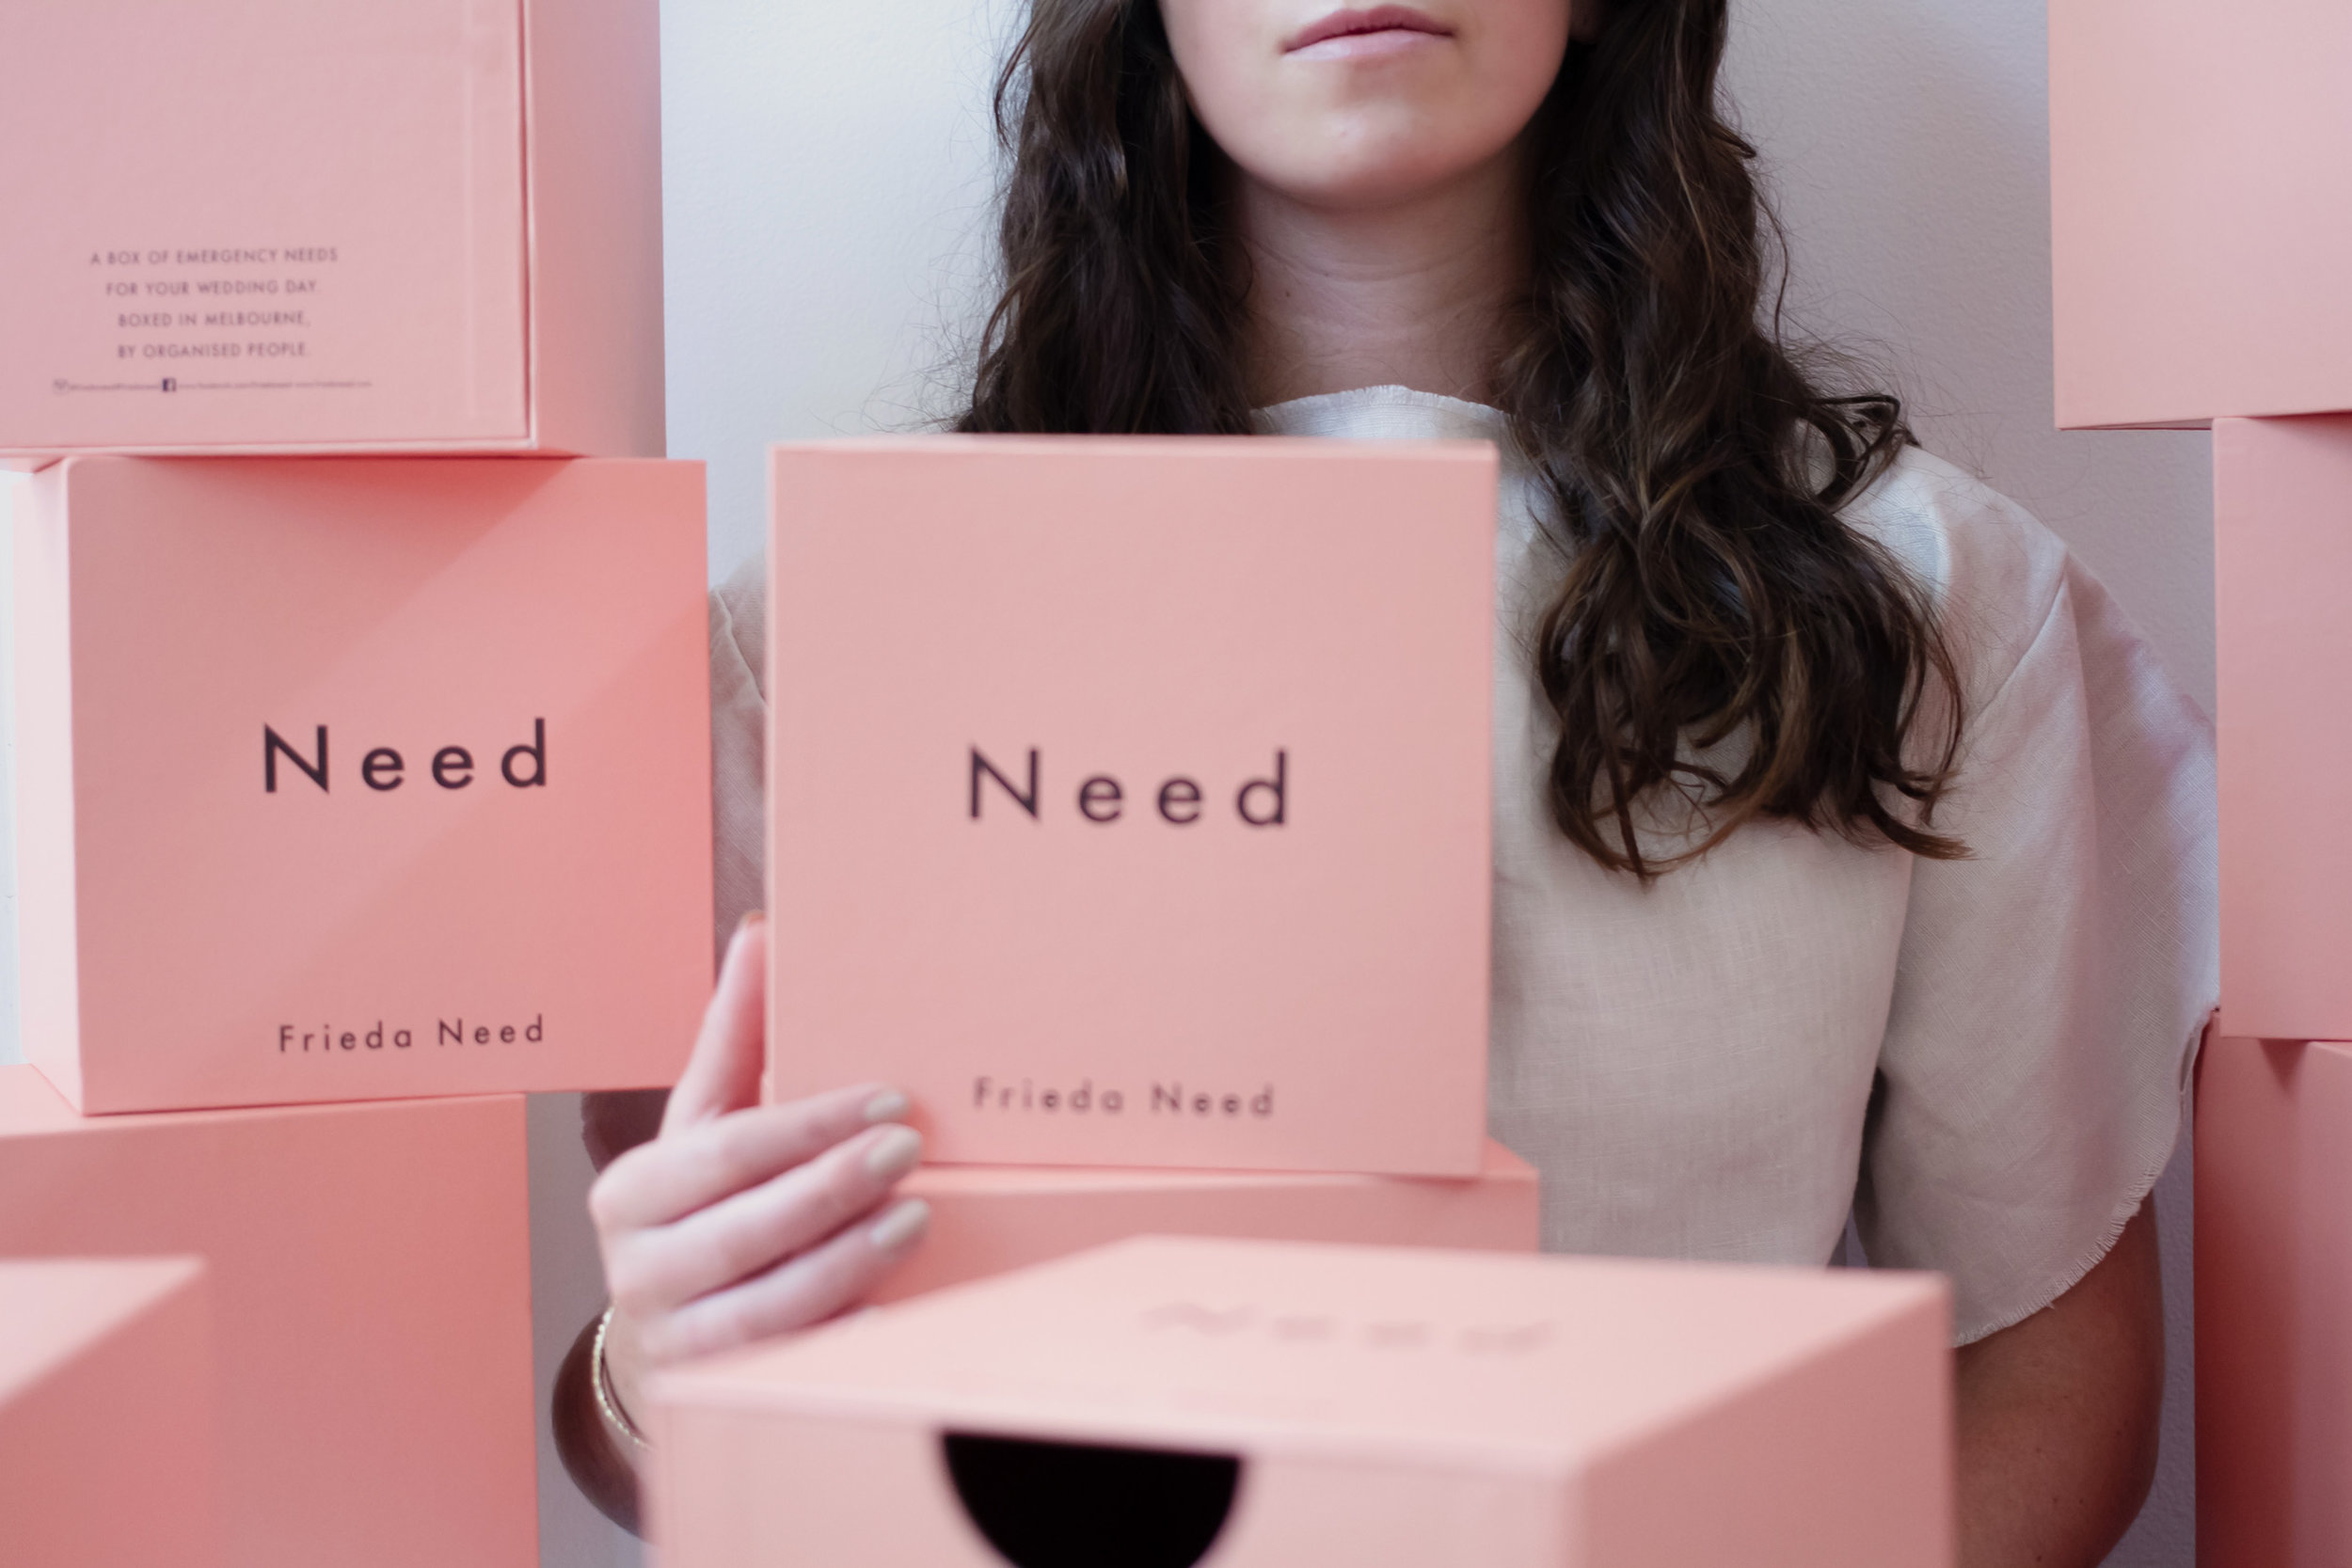 Frieda Need